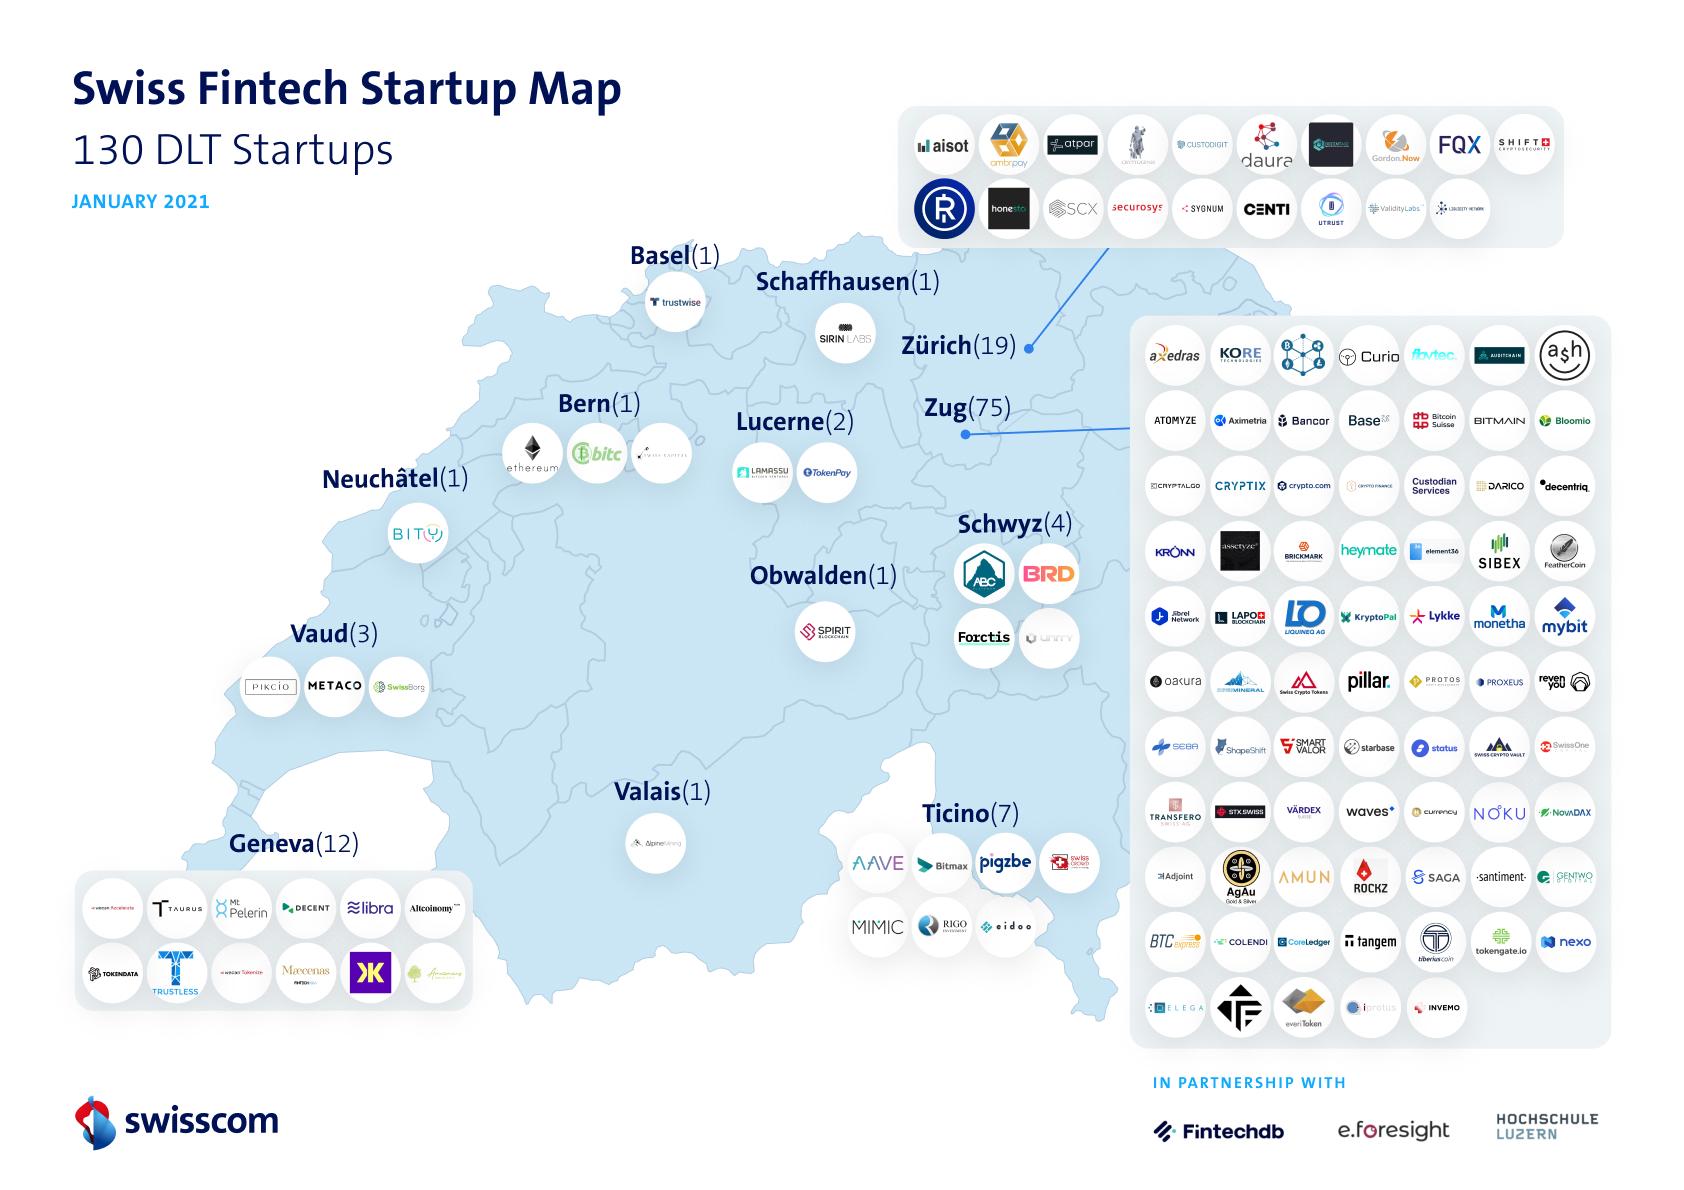 Swiss DLT startups geographical distribution, Swiss Fintech Startup Map, Swisscom, January 2021